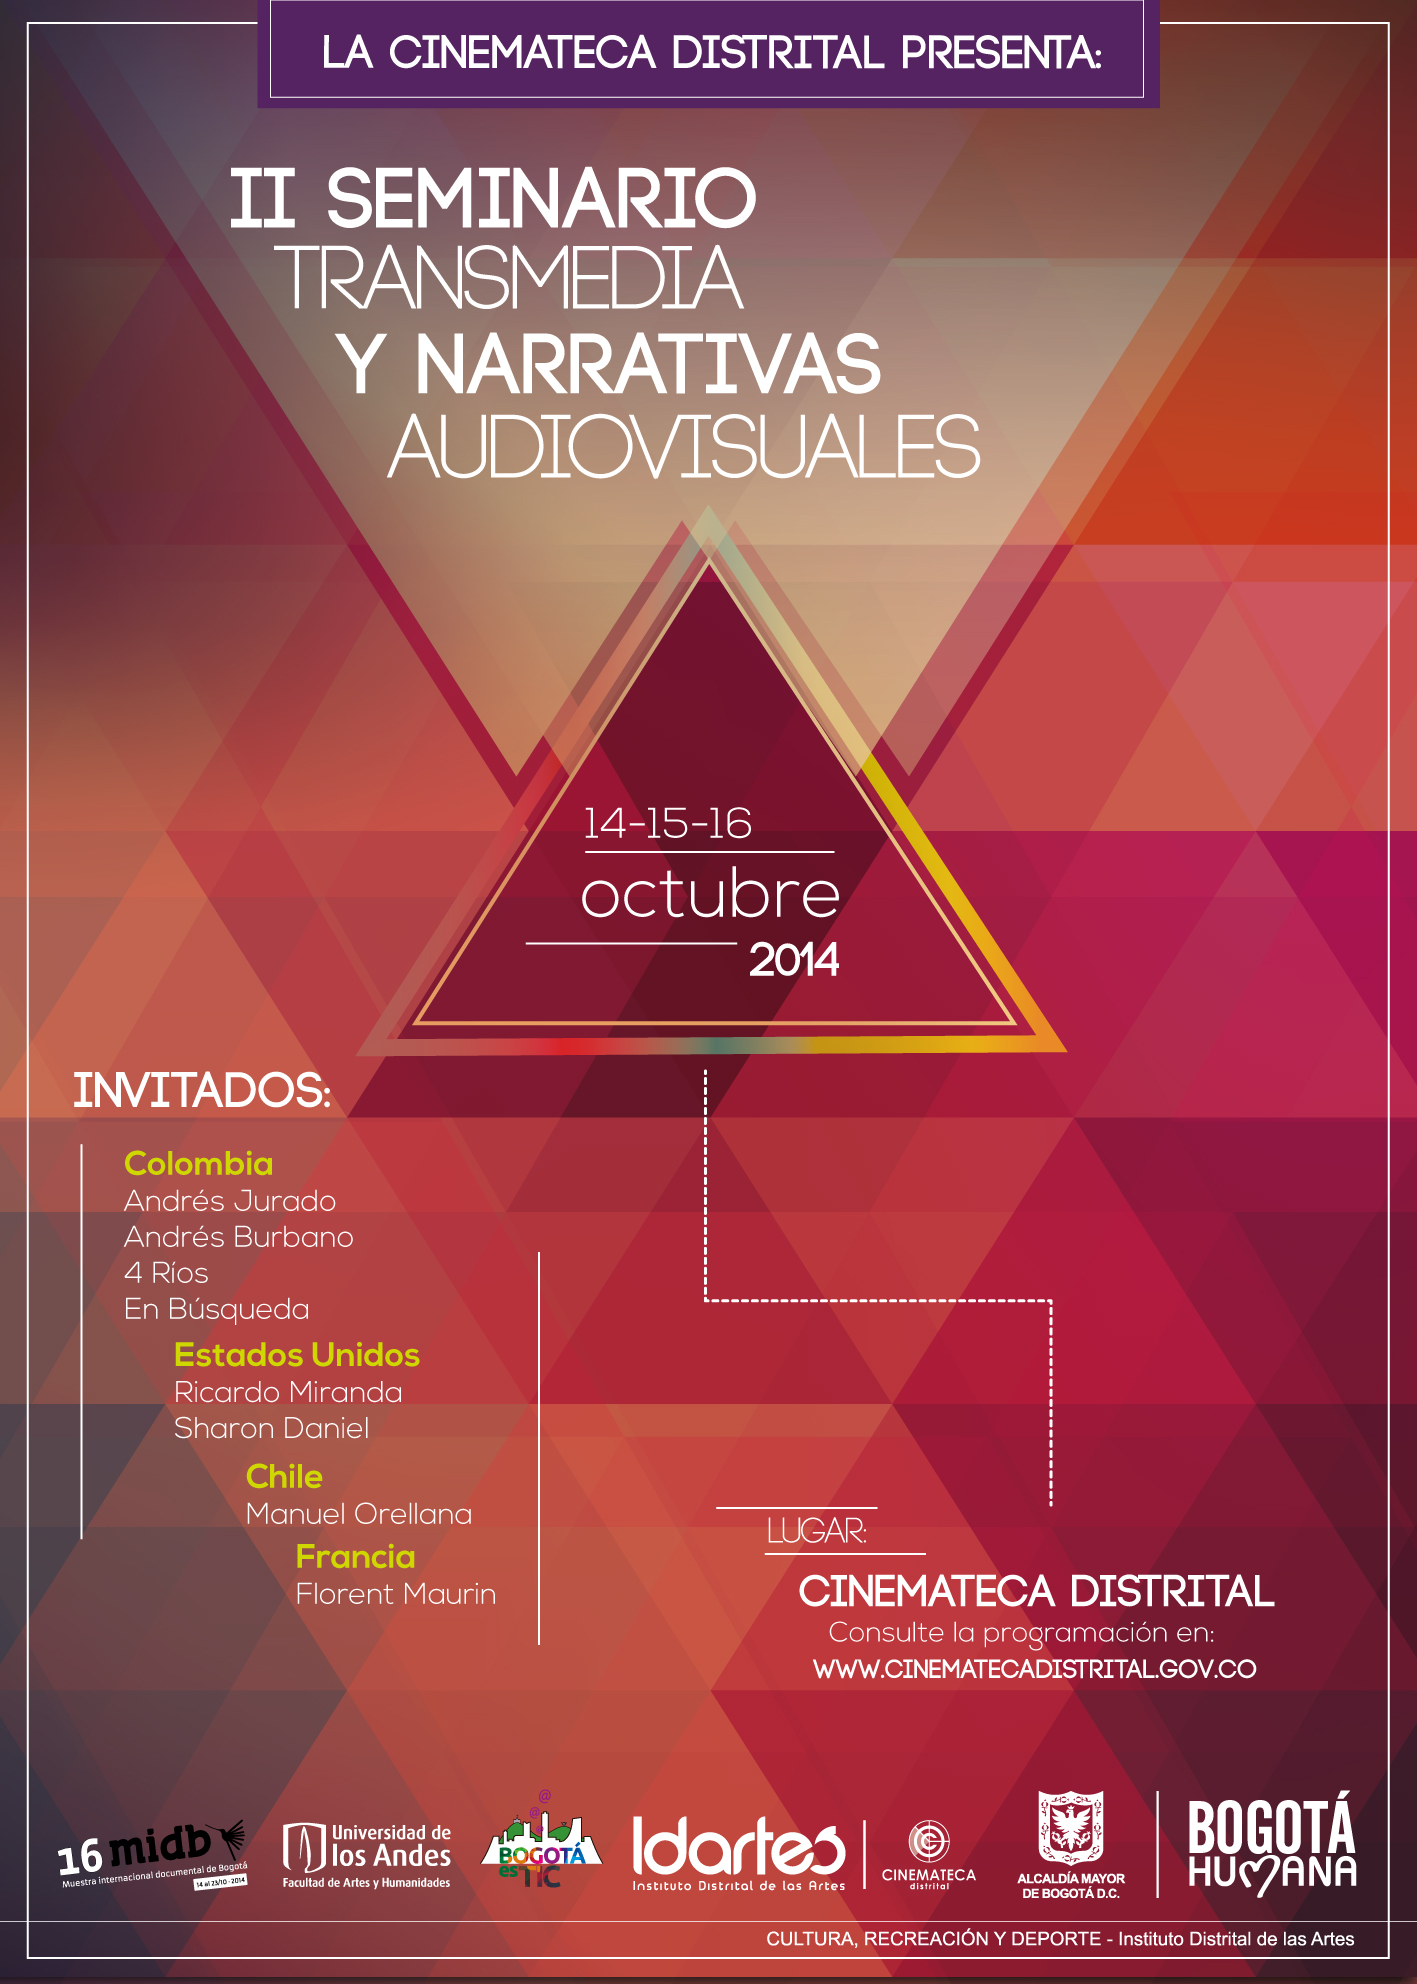 II Seminario Transmedia y Narrativas Audiovisuales